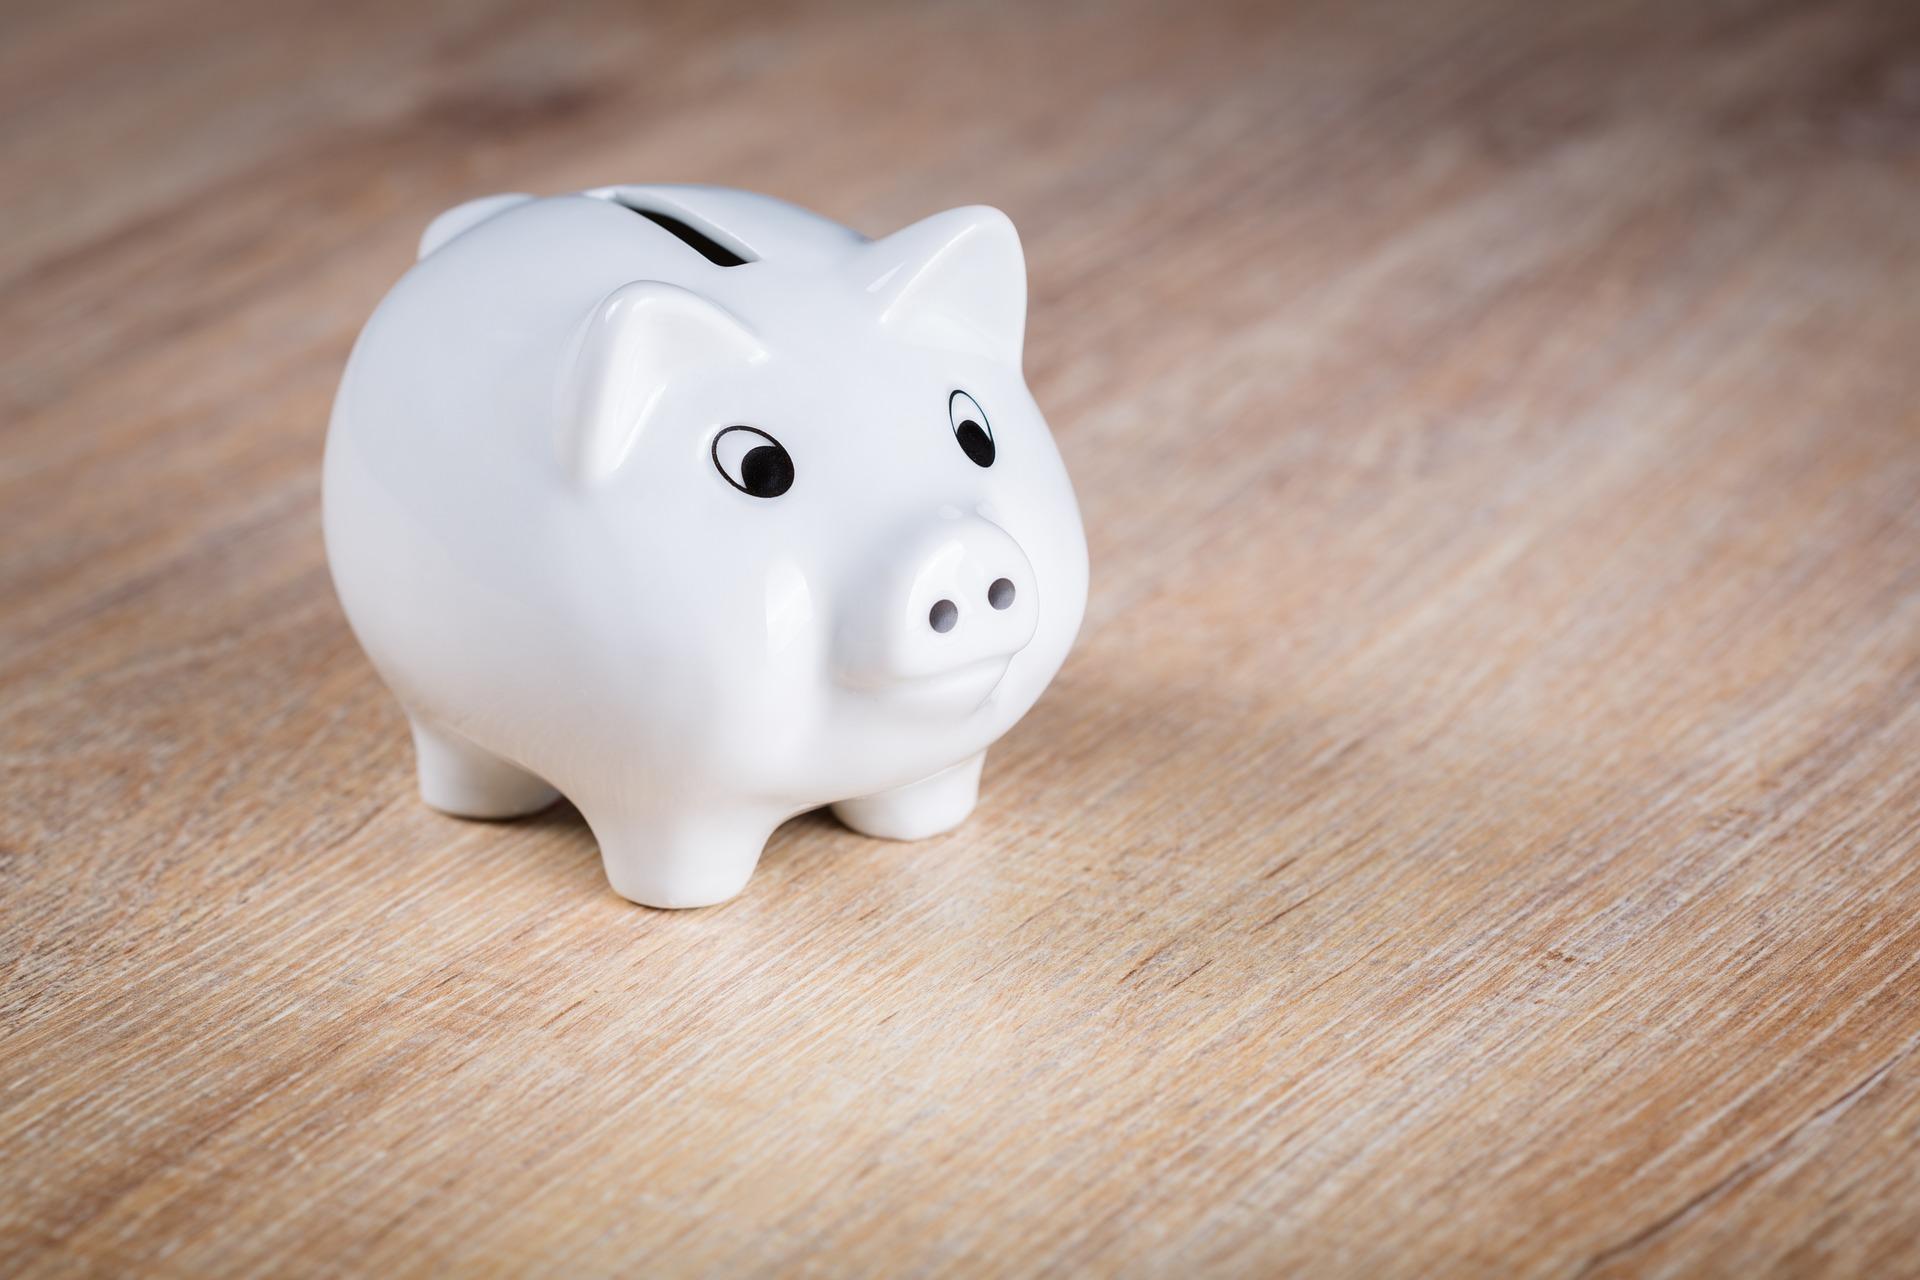 schlau-finanziert Kreditrechner für erste Orientierung